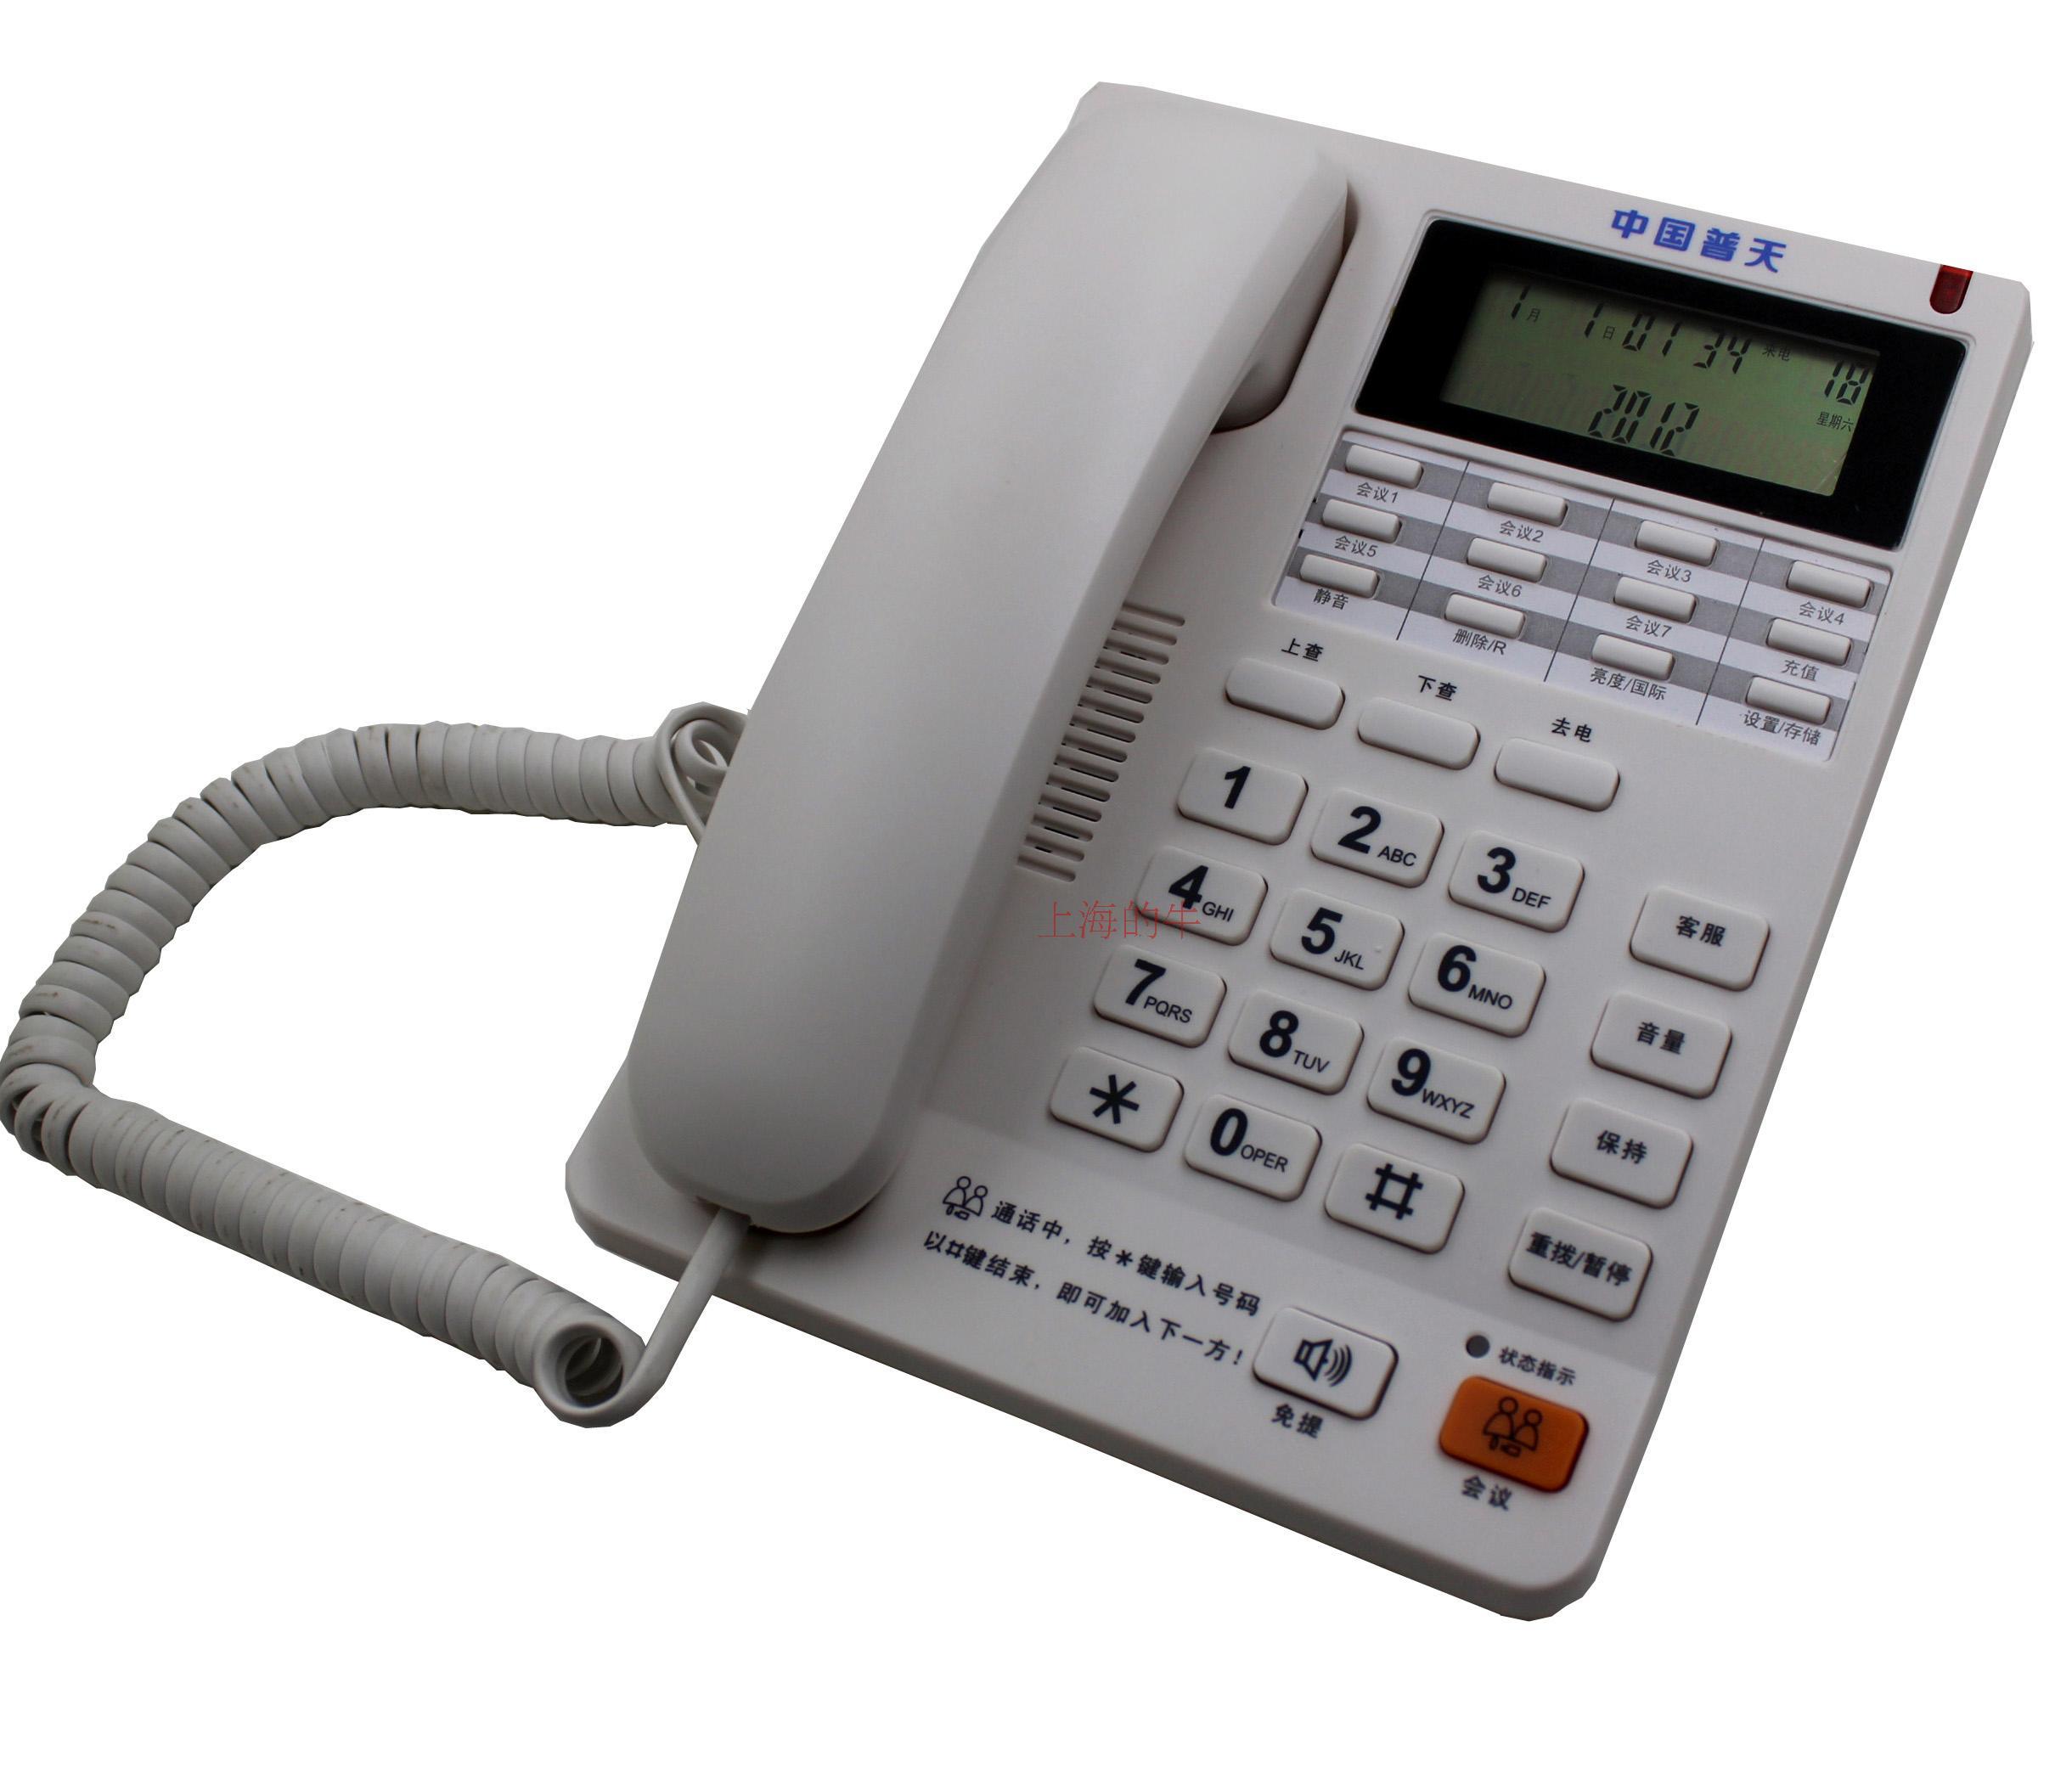 高端大气普天酒店办公来电显示超强免提电话机挂壁 铃声可调座机